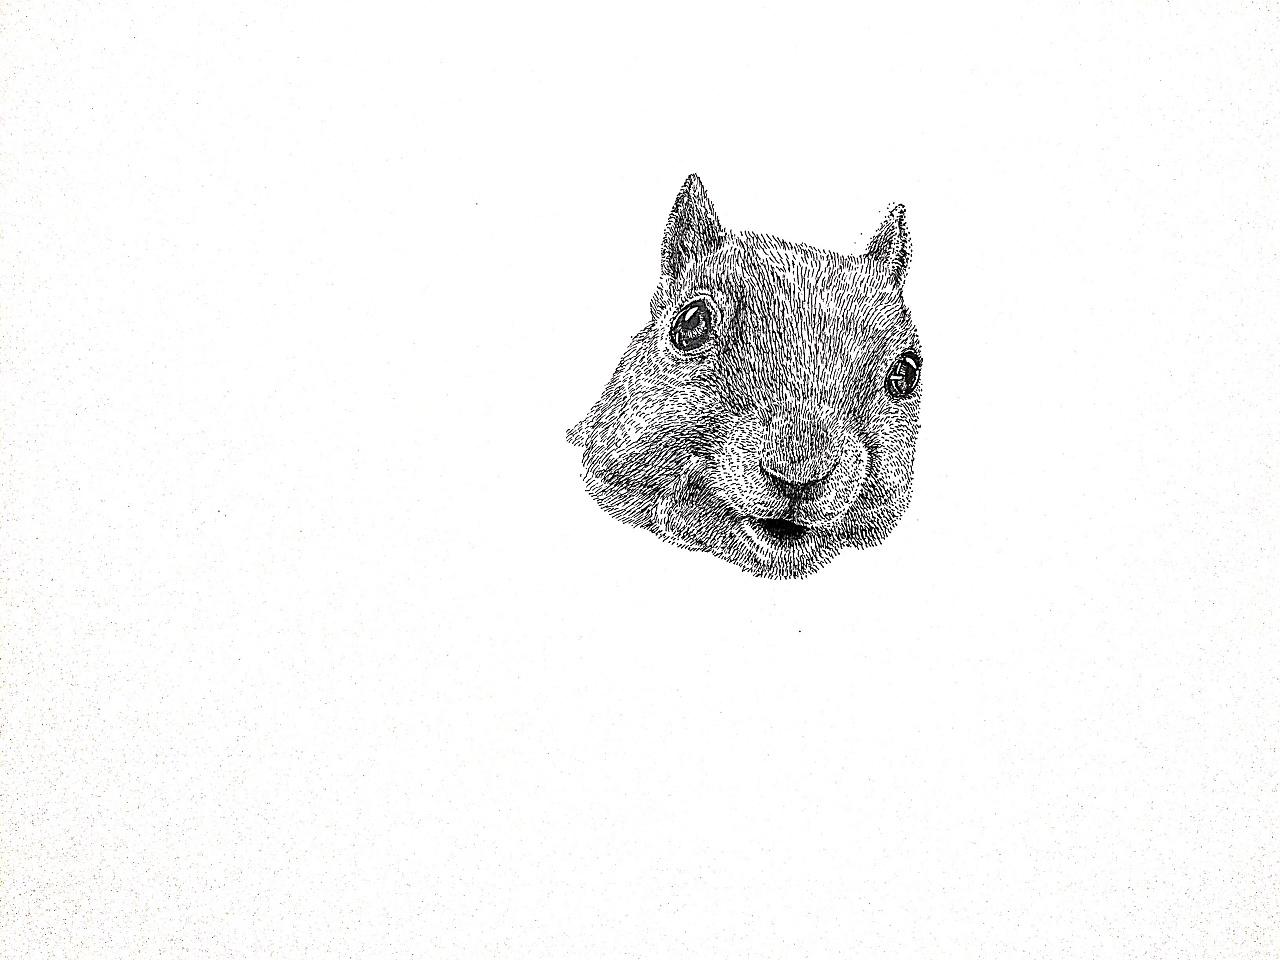 李万海钢笔手绘动物